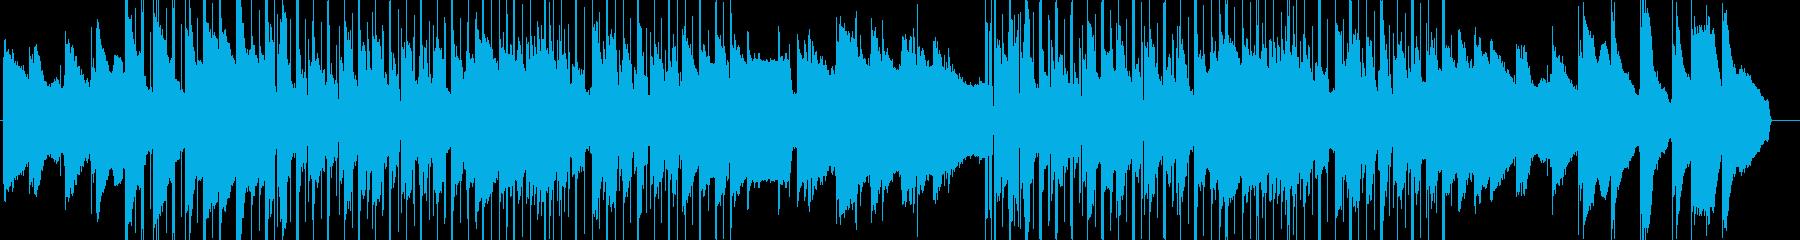 lofi風やさしいピアノのBGMの再生済みの波形